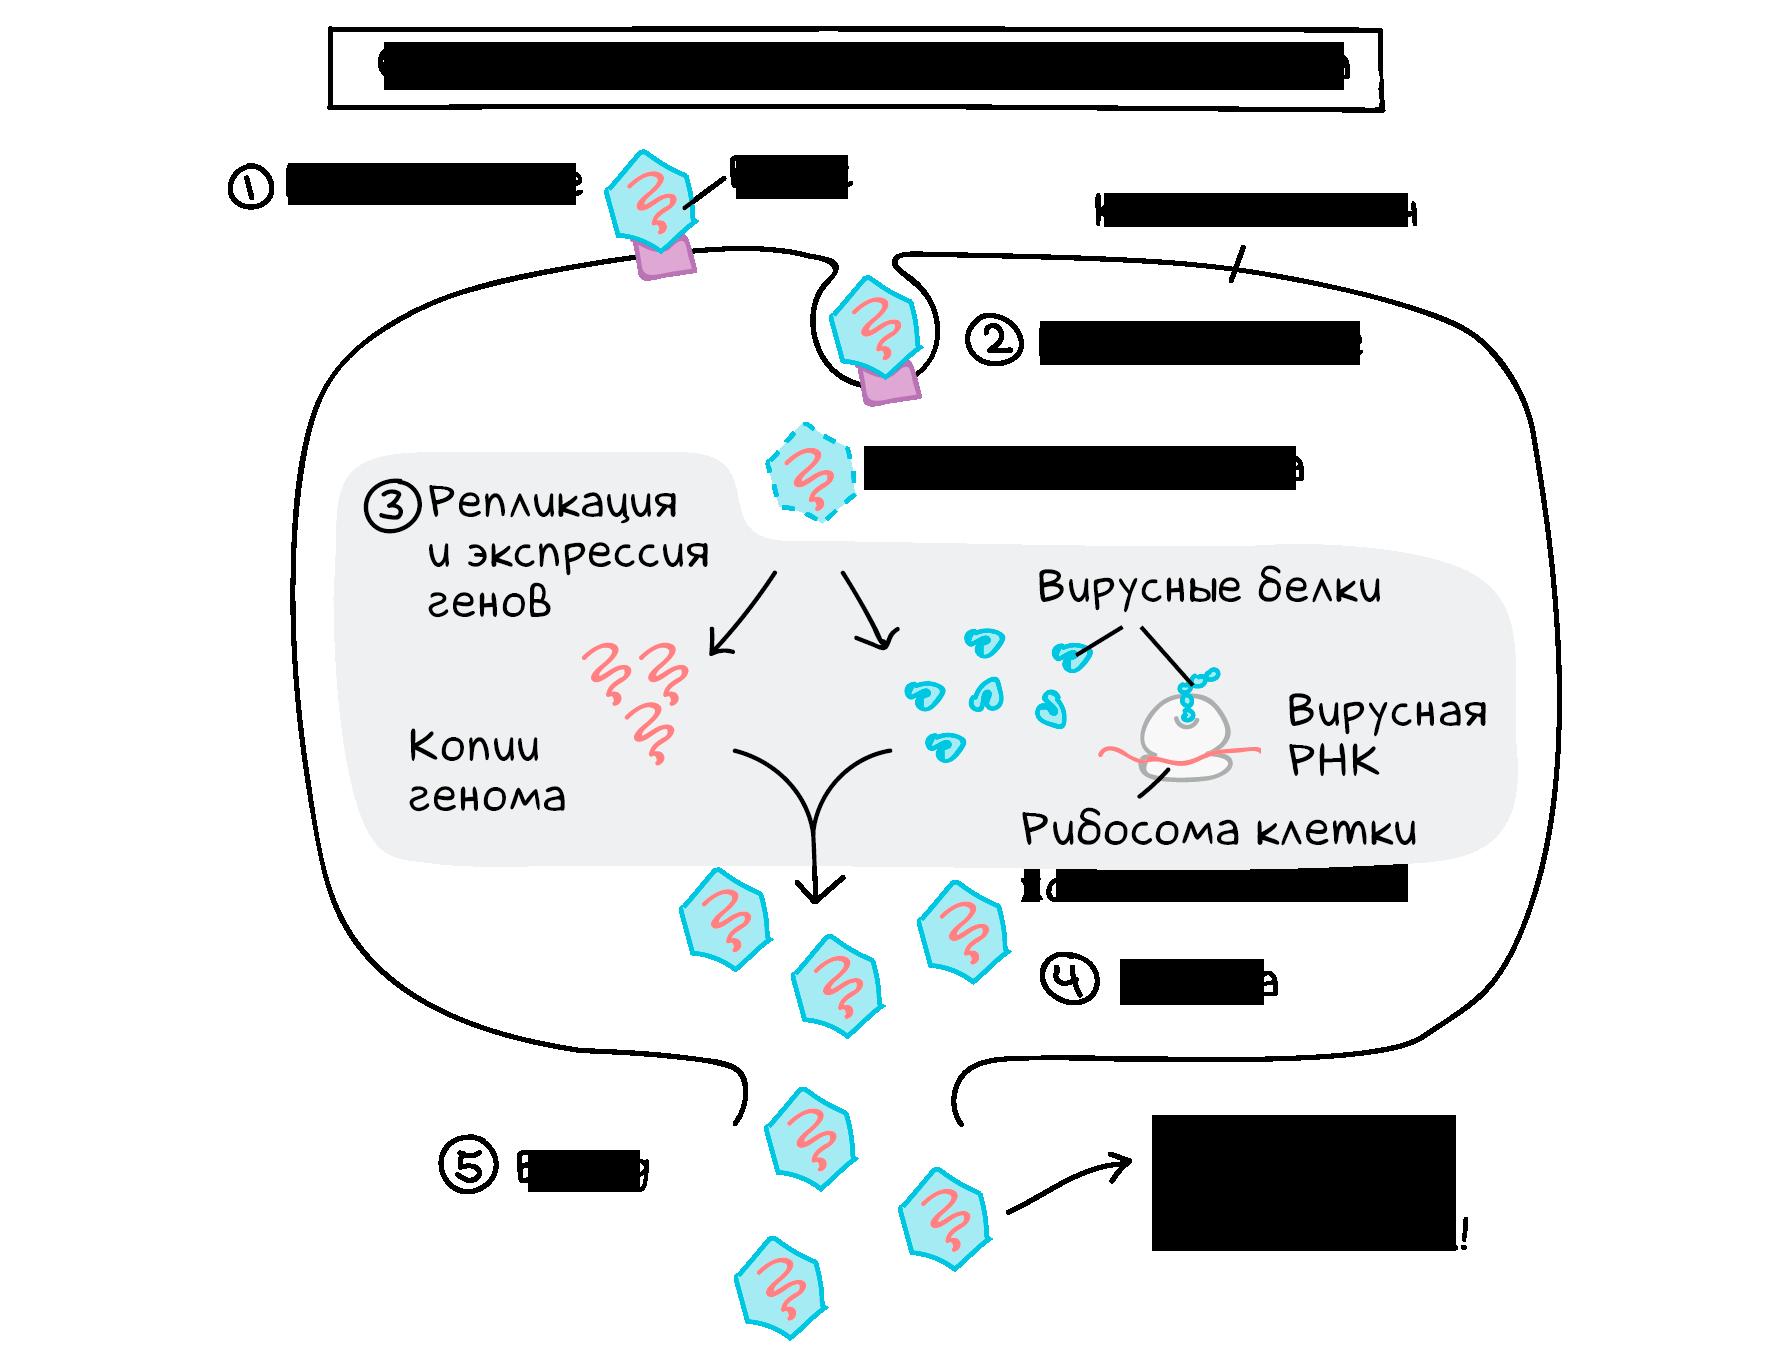 Жизненный цикл вируса